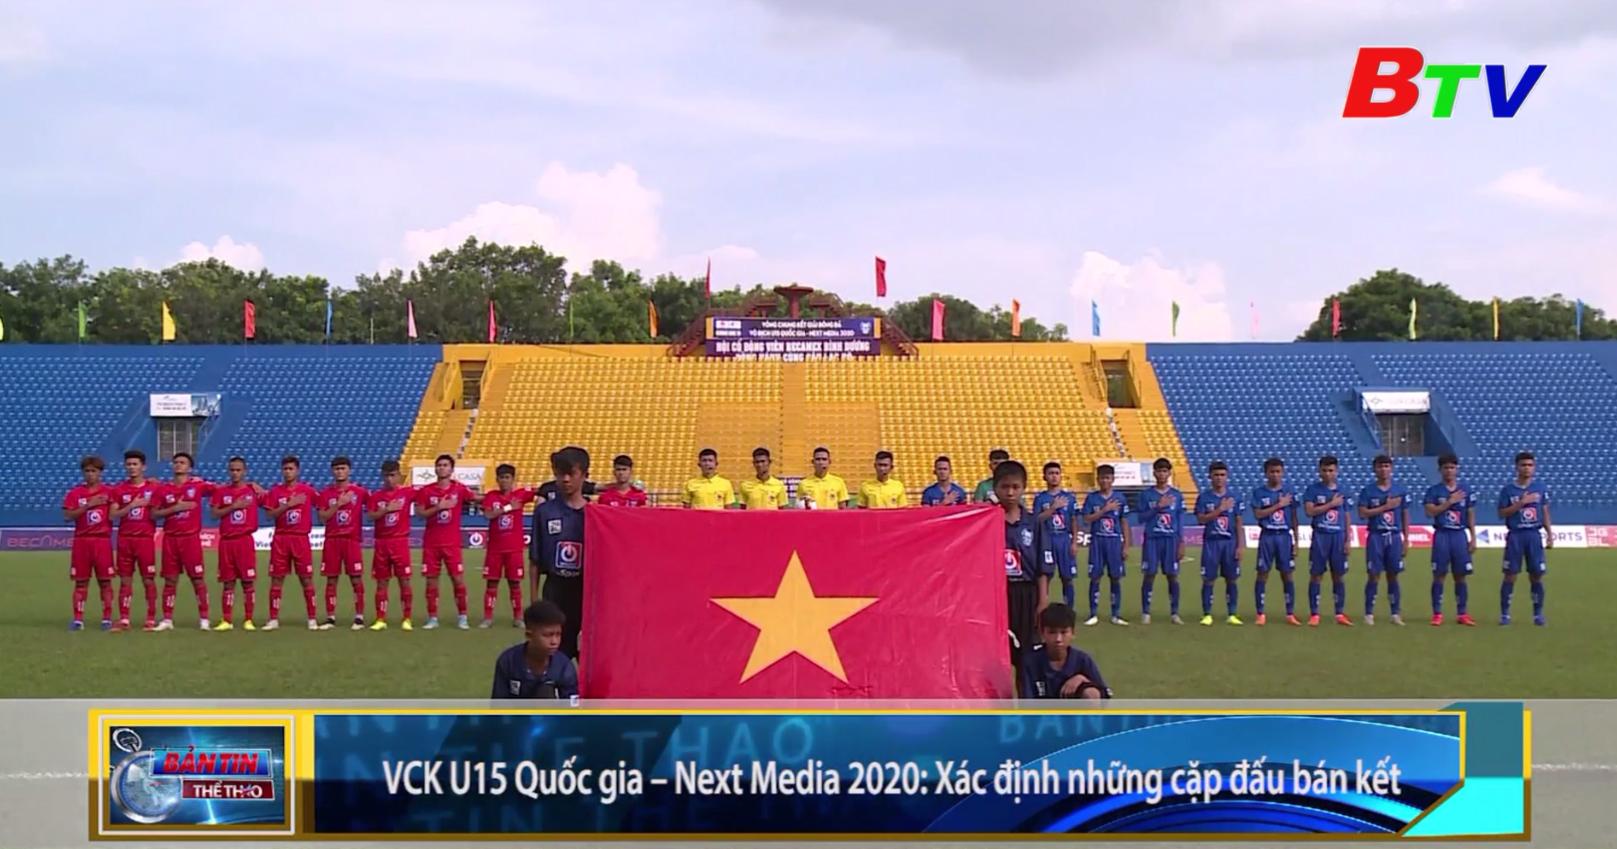 Vòng chung kết Giải bóng đá vô địch U15 Quốc gia - Next Media 2020 – Xác định những cặp đấu bán kết